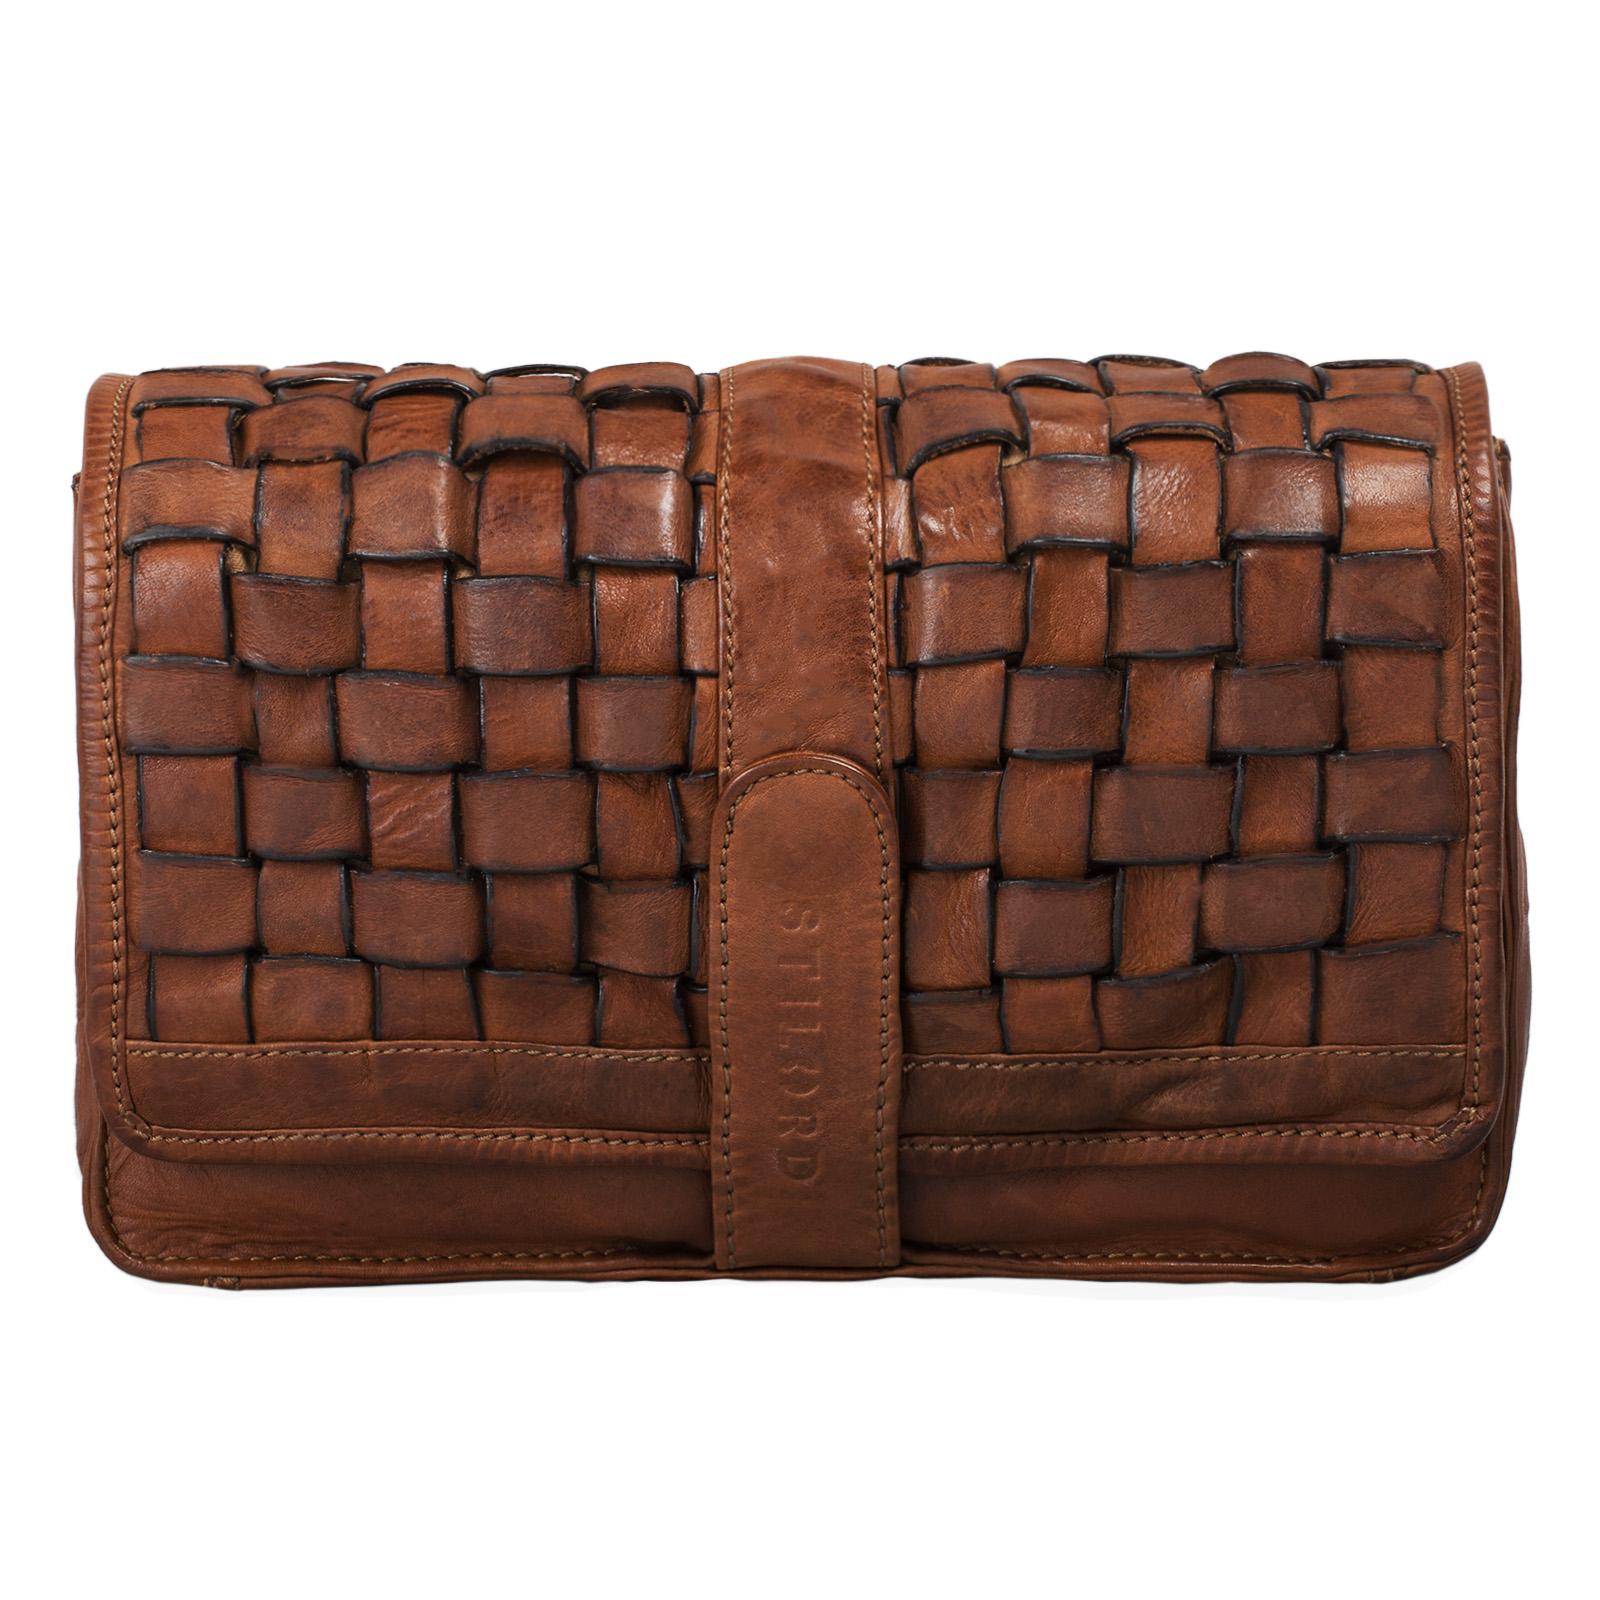 Leder Vintage Handtasche für Frauen klein braun